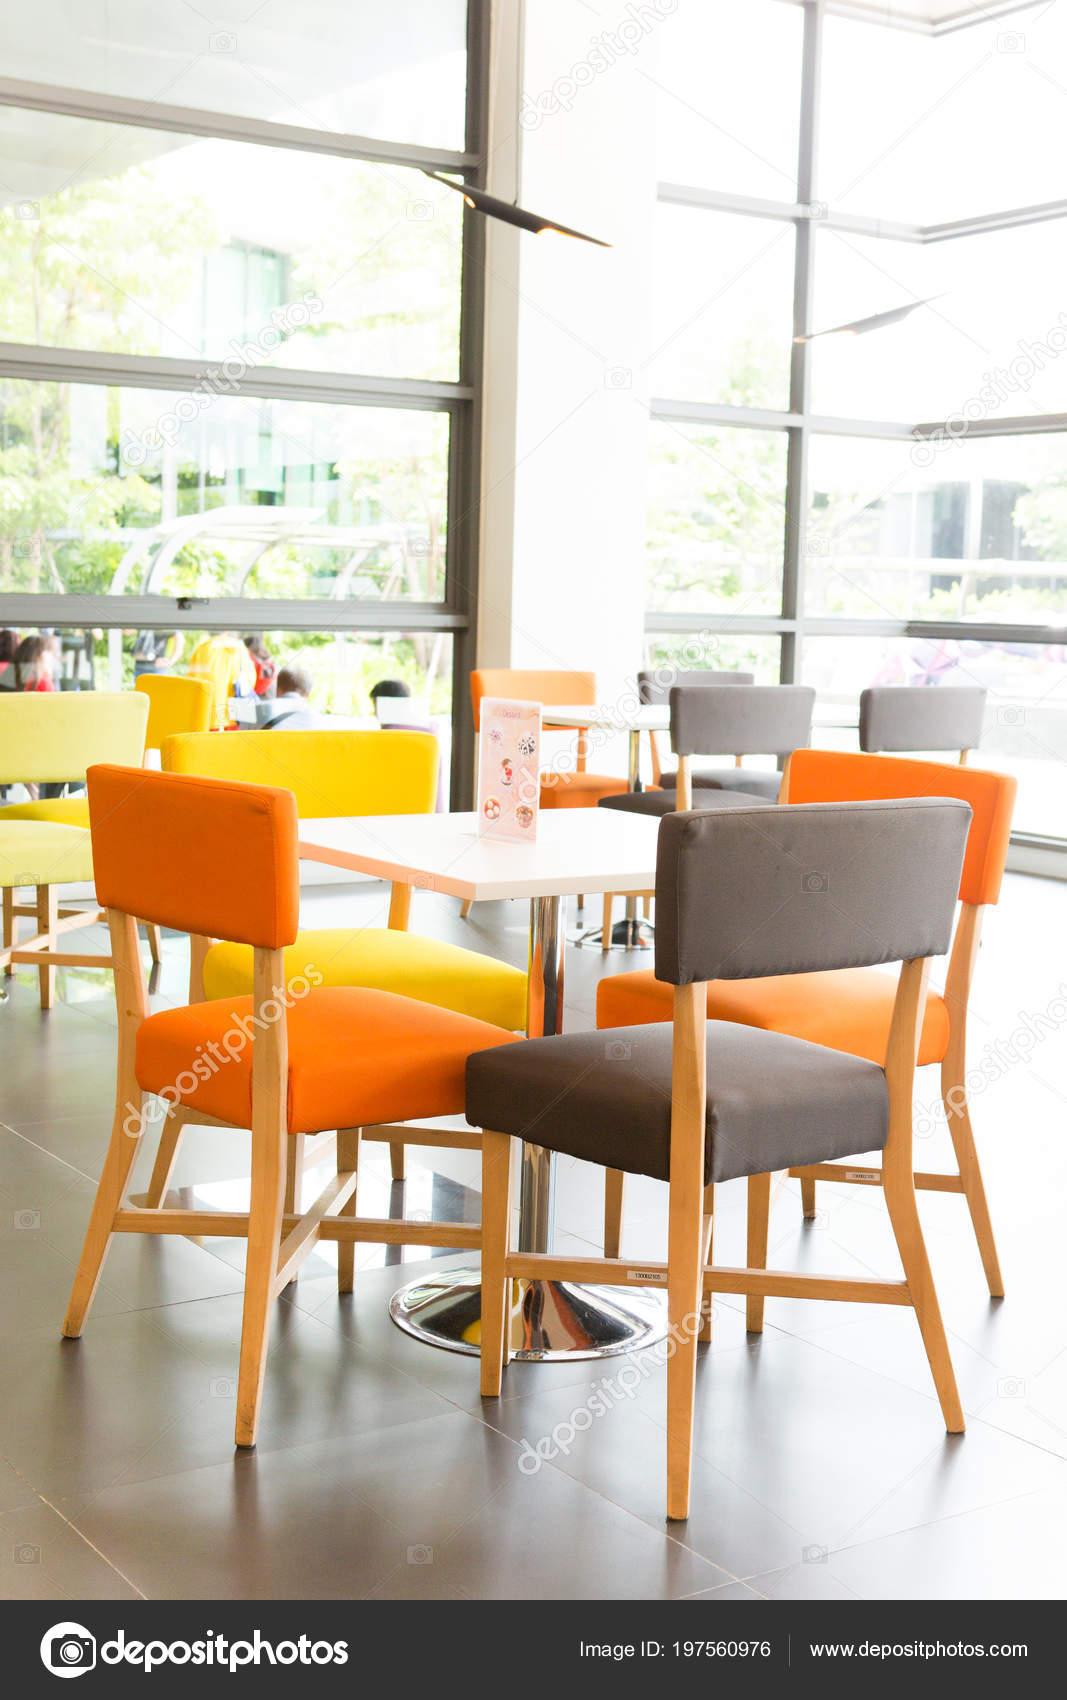 Salle Manger Avec Tables Colorees Chaises Photographie